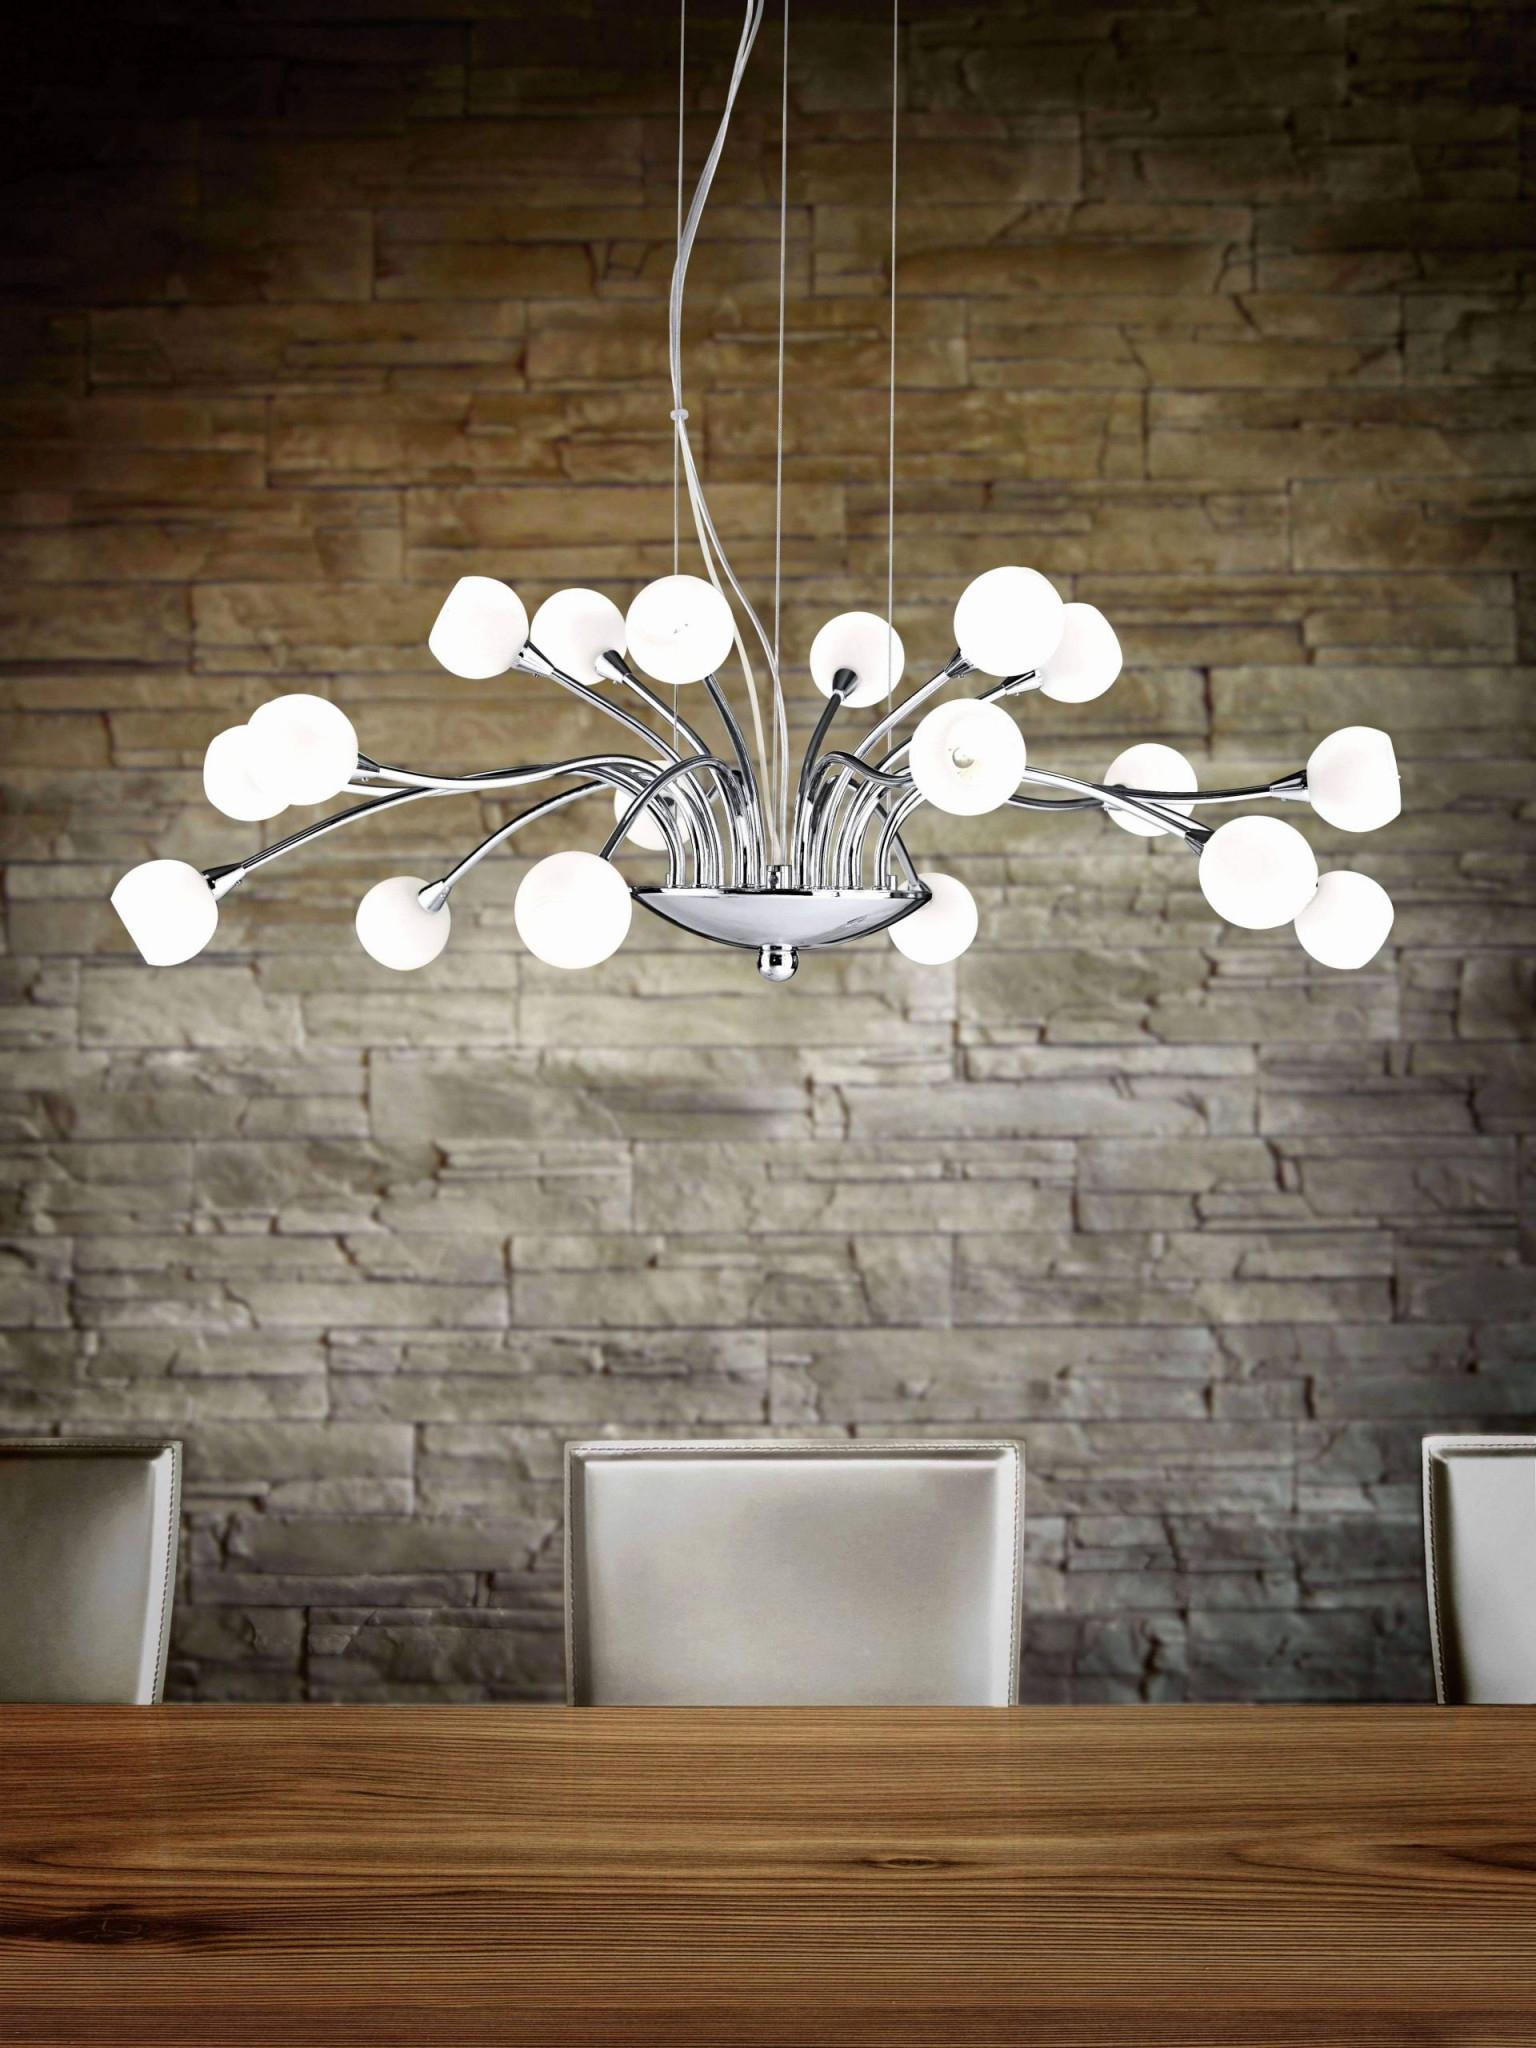 29 Einzigartig Wohnzimmer Lampe Modern Elegant  Wohnzimmer von Moderne Wohnzimmer Lampe Bild